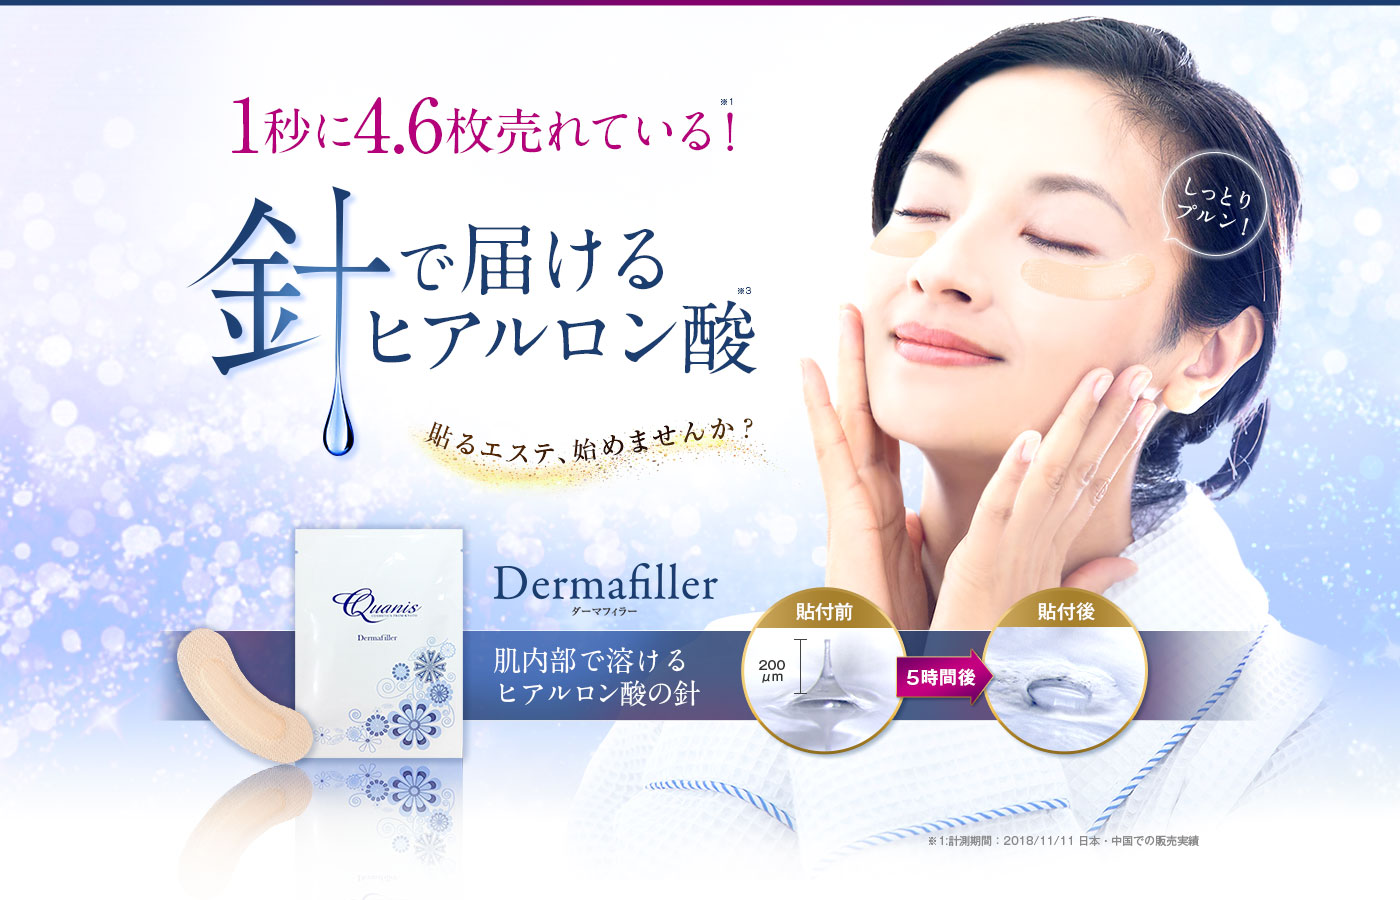 Dermafiller(ダーマフィラー)針で届けるヒアルロン酸